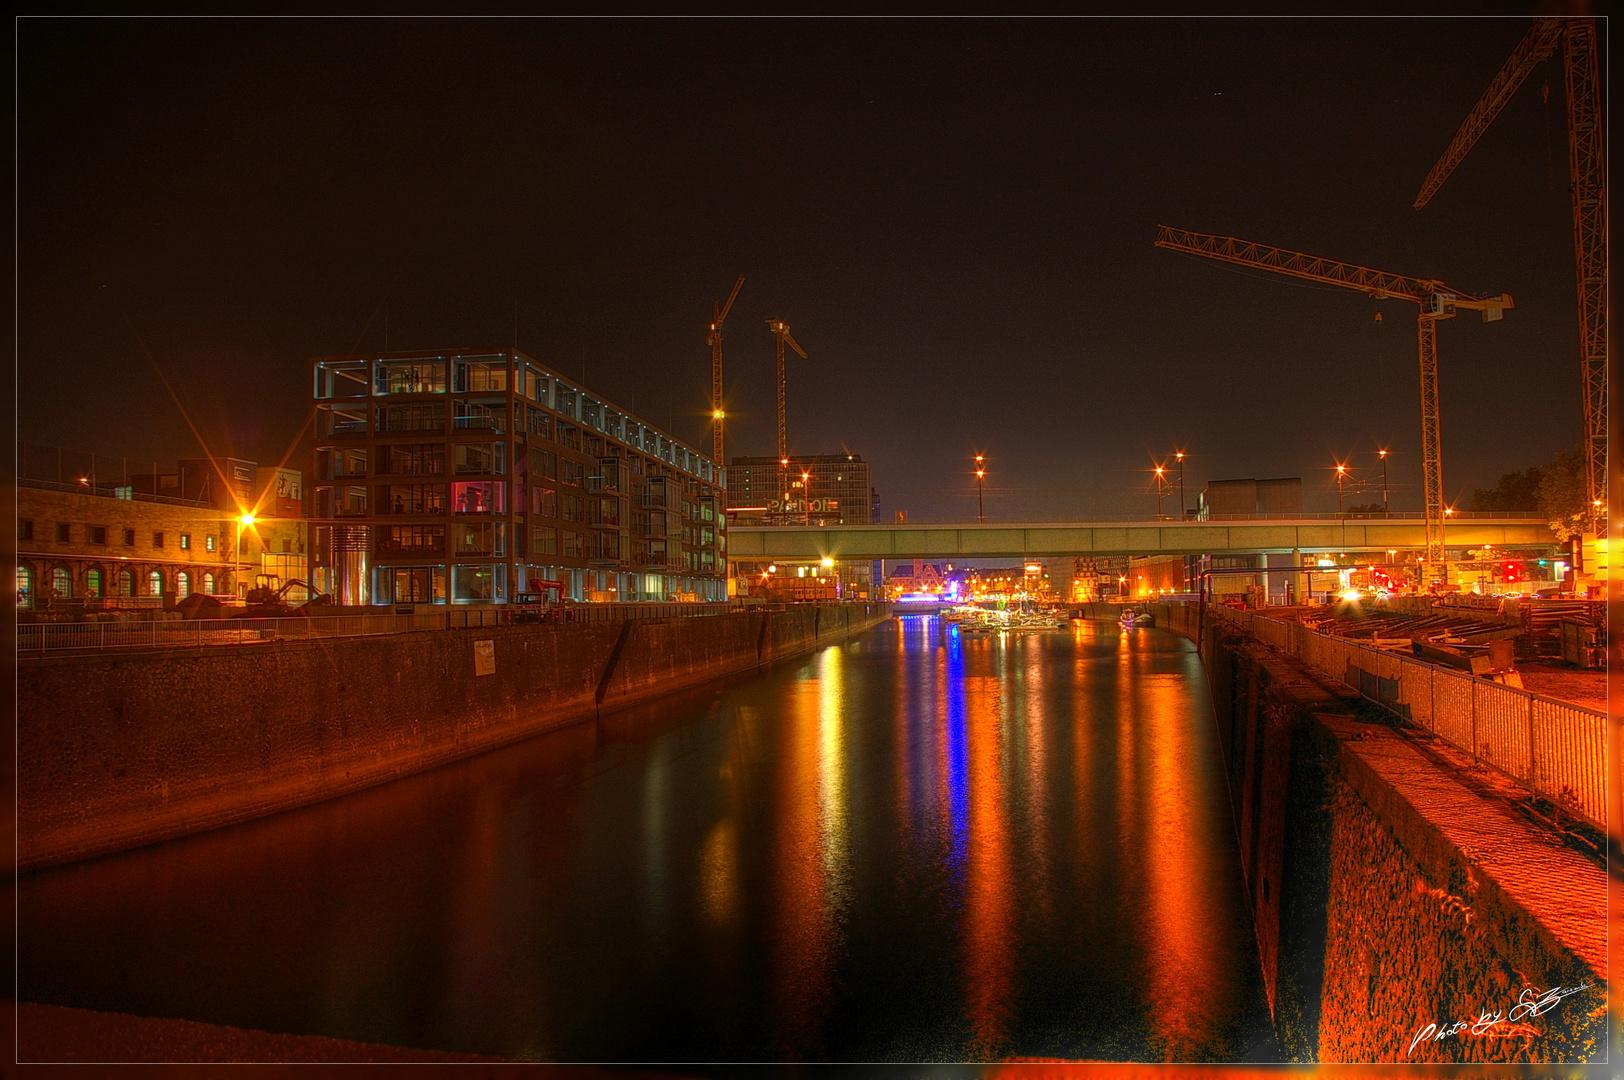 ...Hafenindustrie...